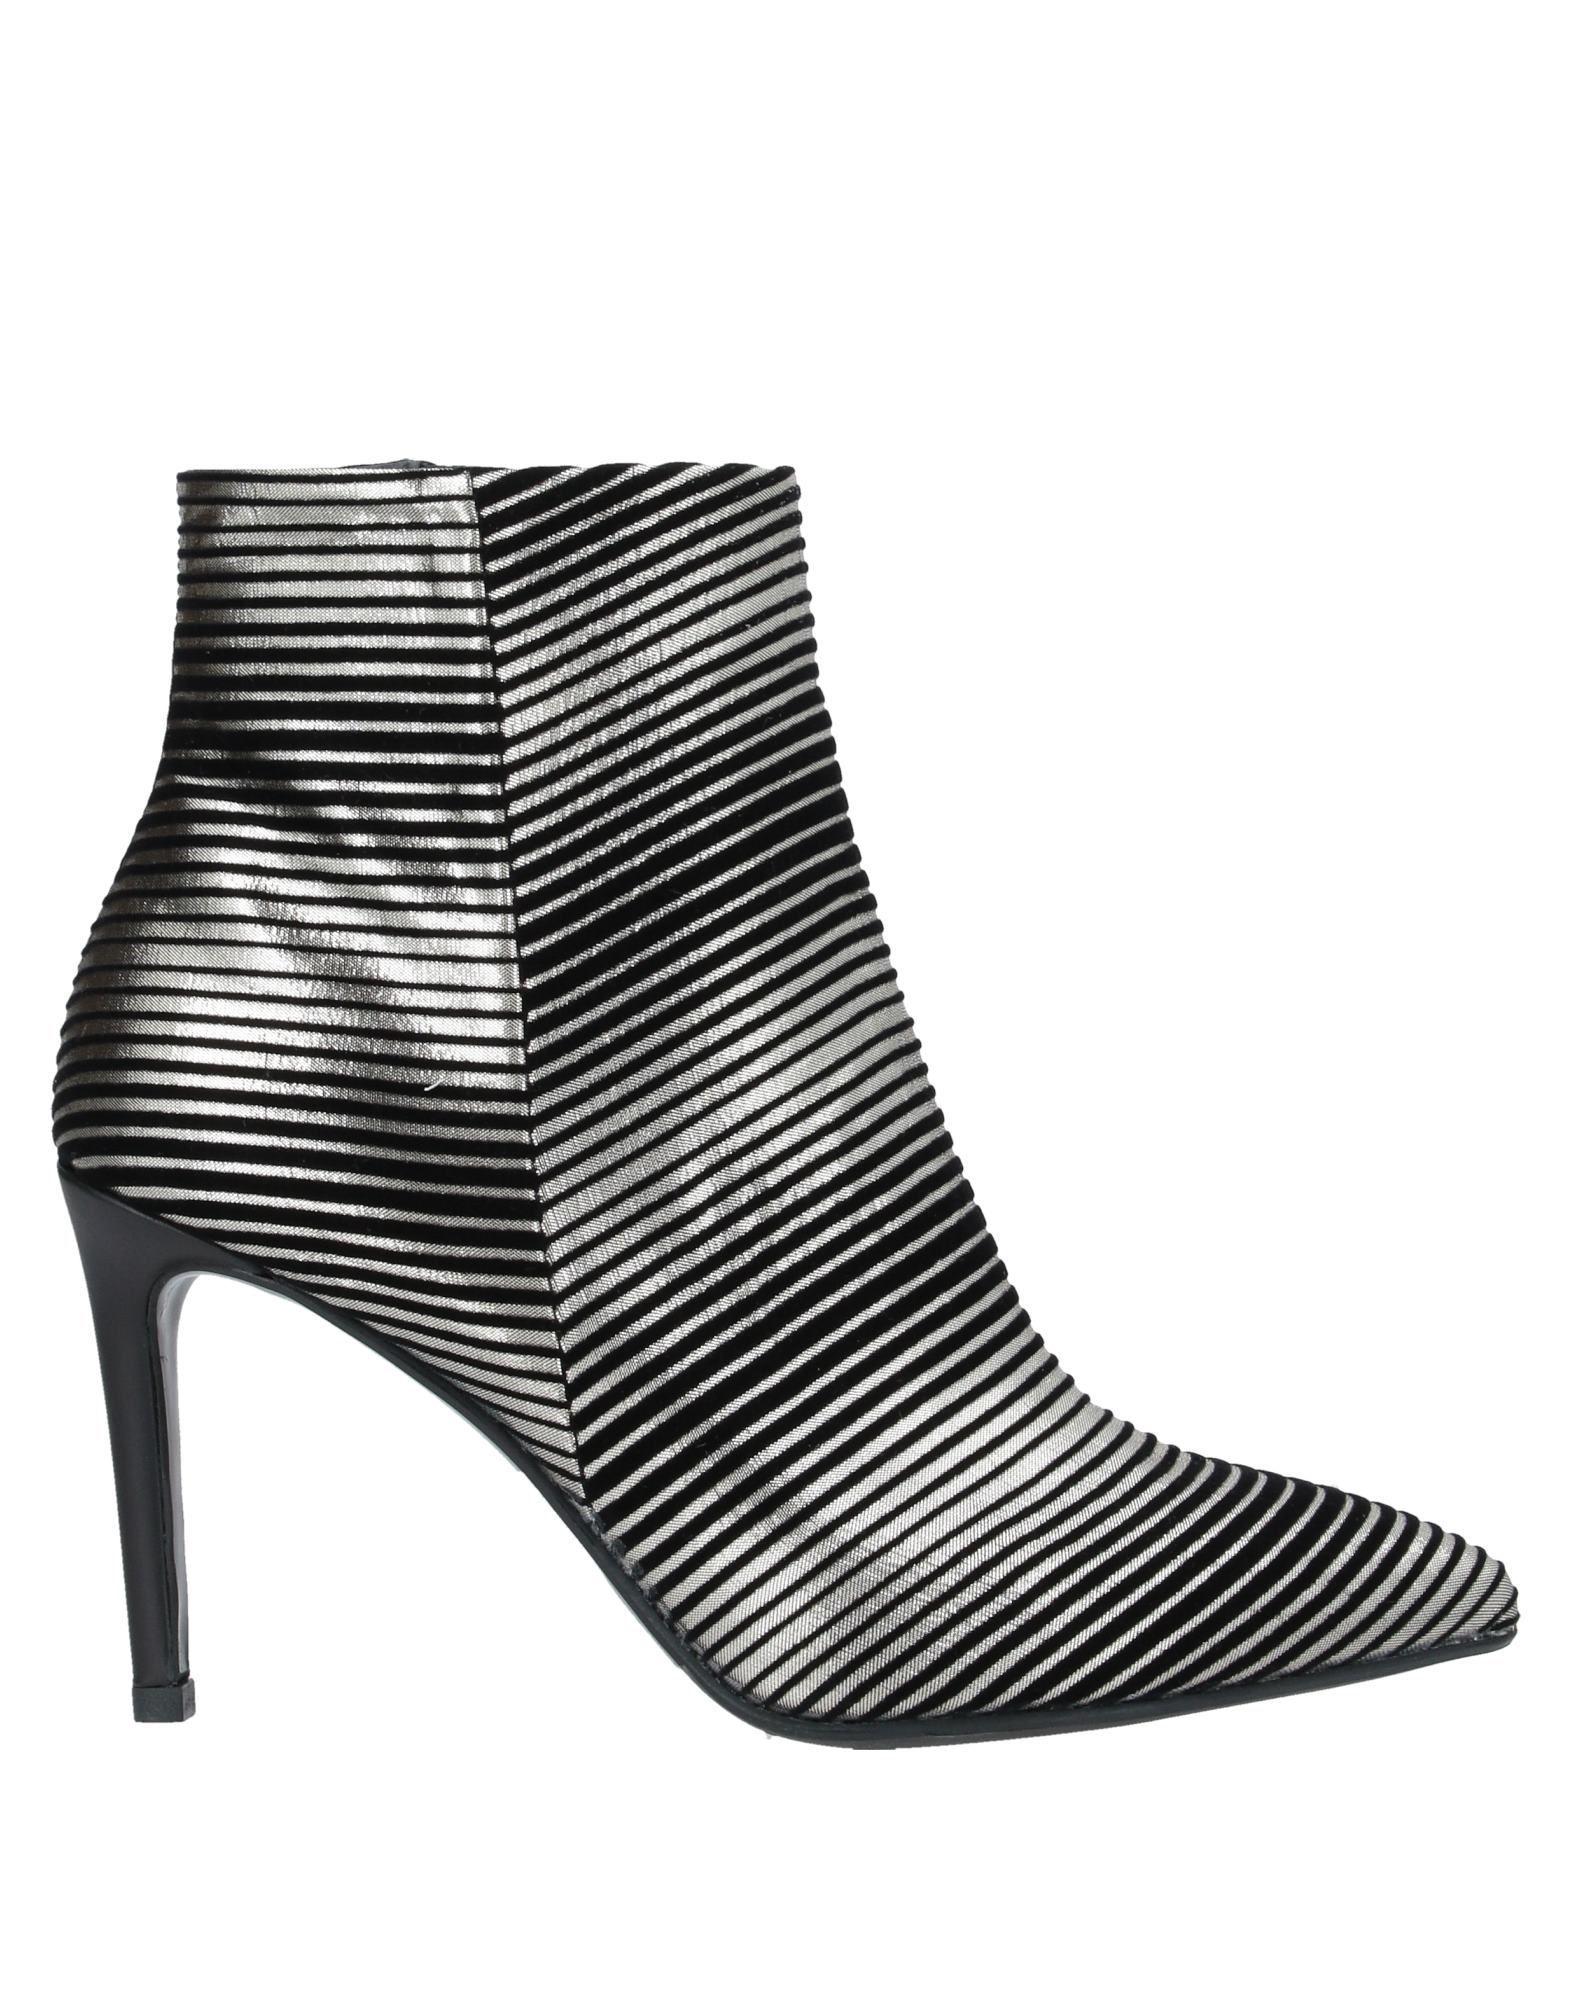 Gianni Marra Women's Ankle Boots Black Textile Fibres